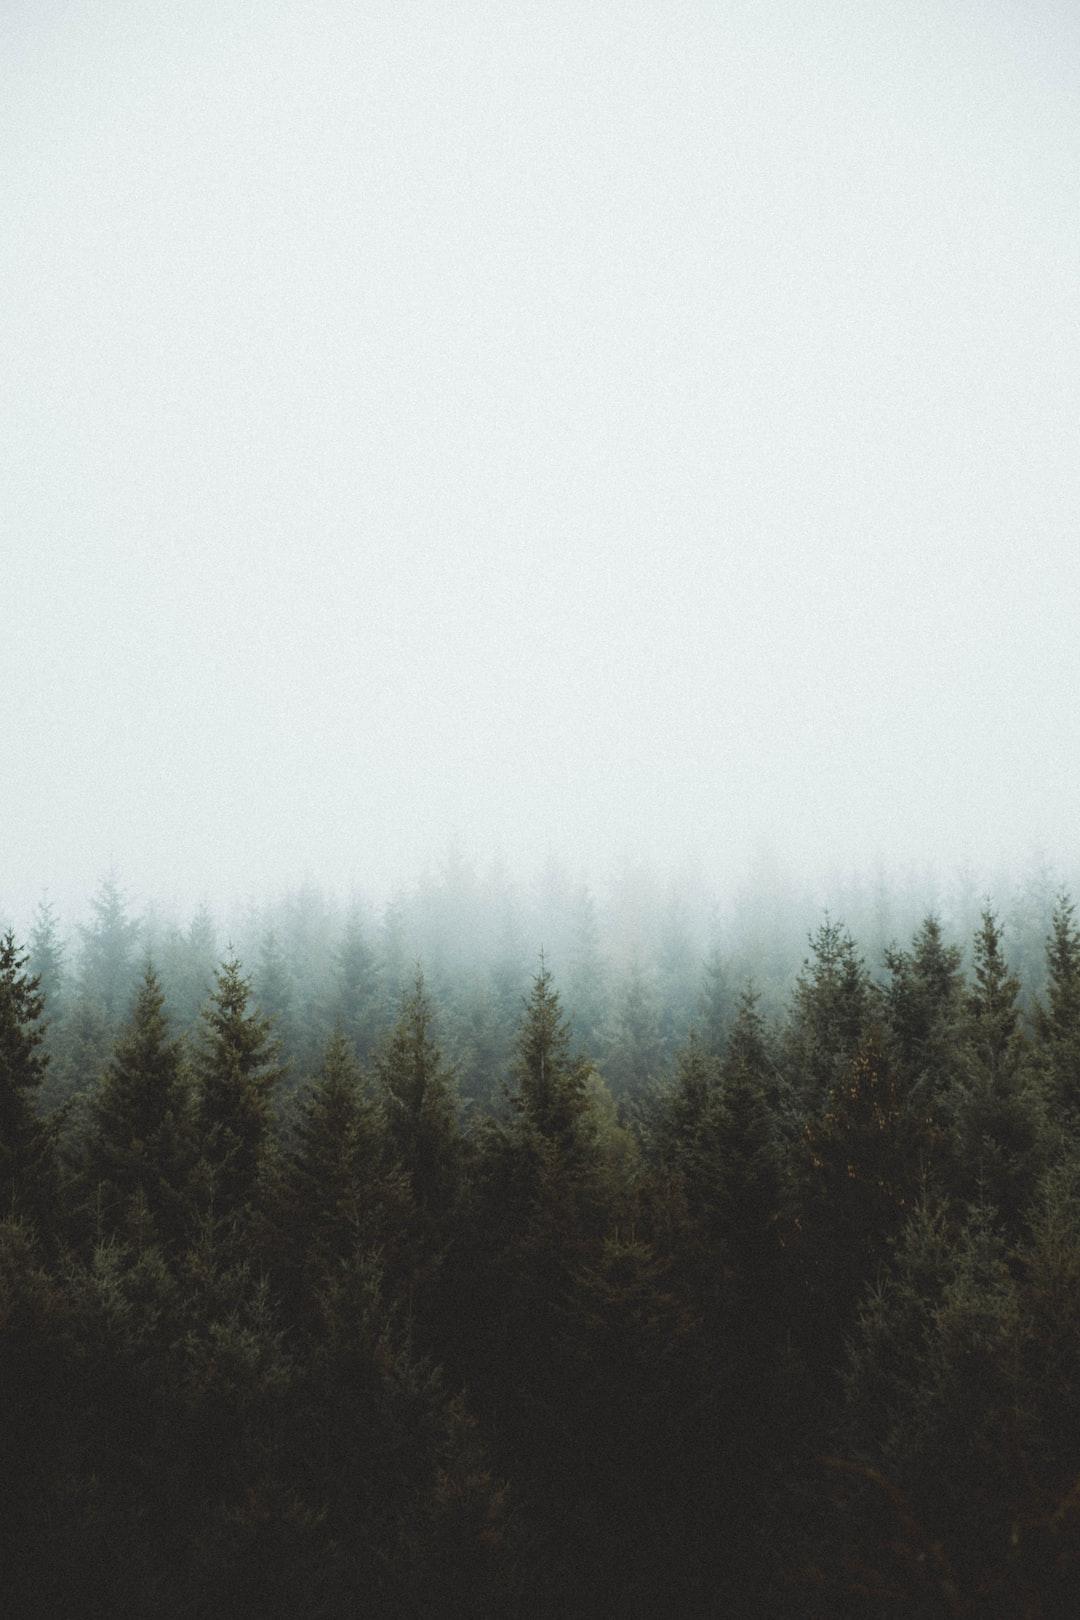 photo of pine trees